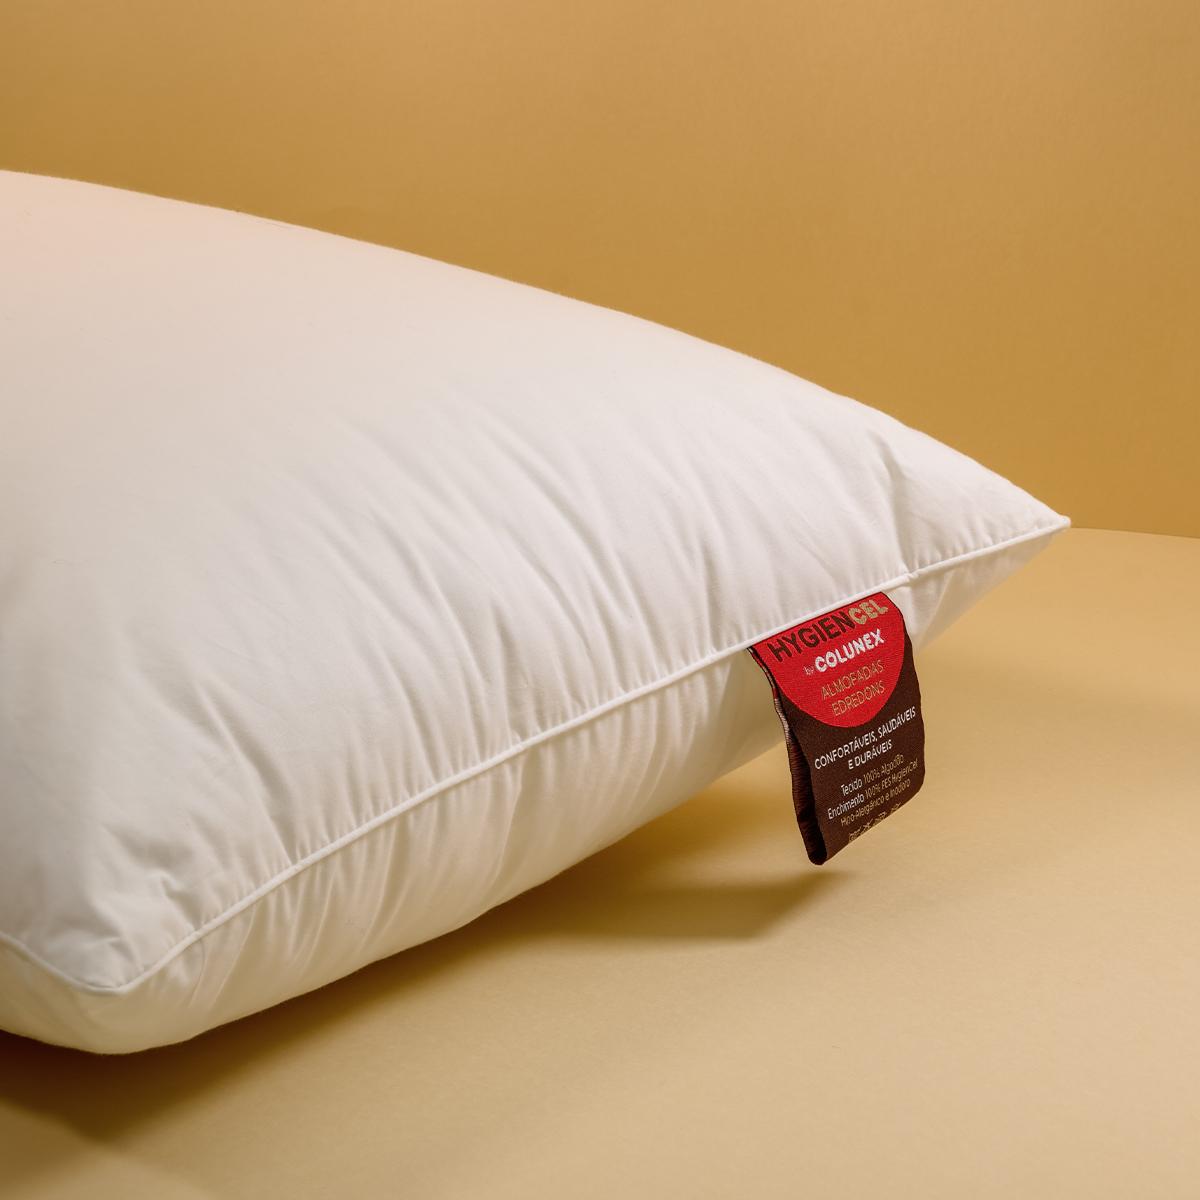 hygiencell Hygiencell Pillow colunex hygiencell pillow 04 1